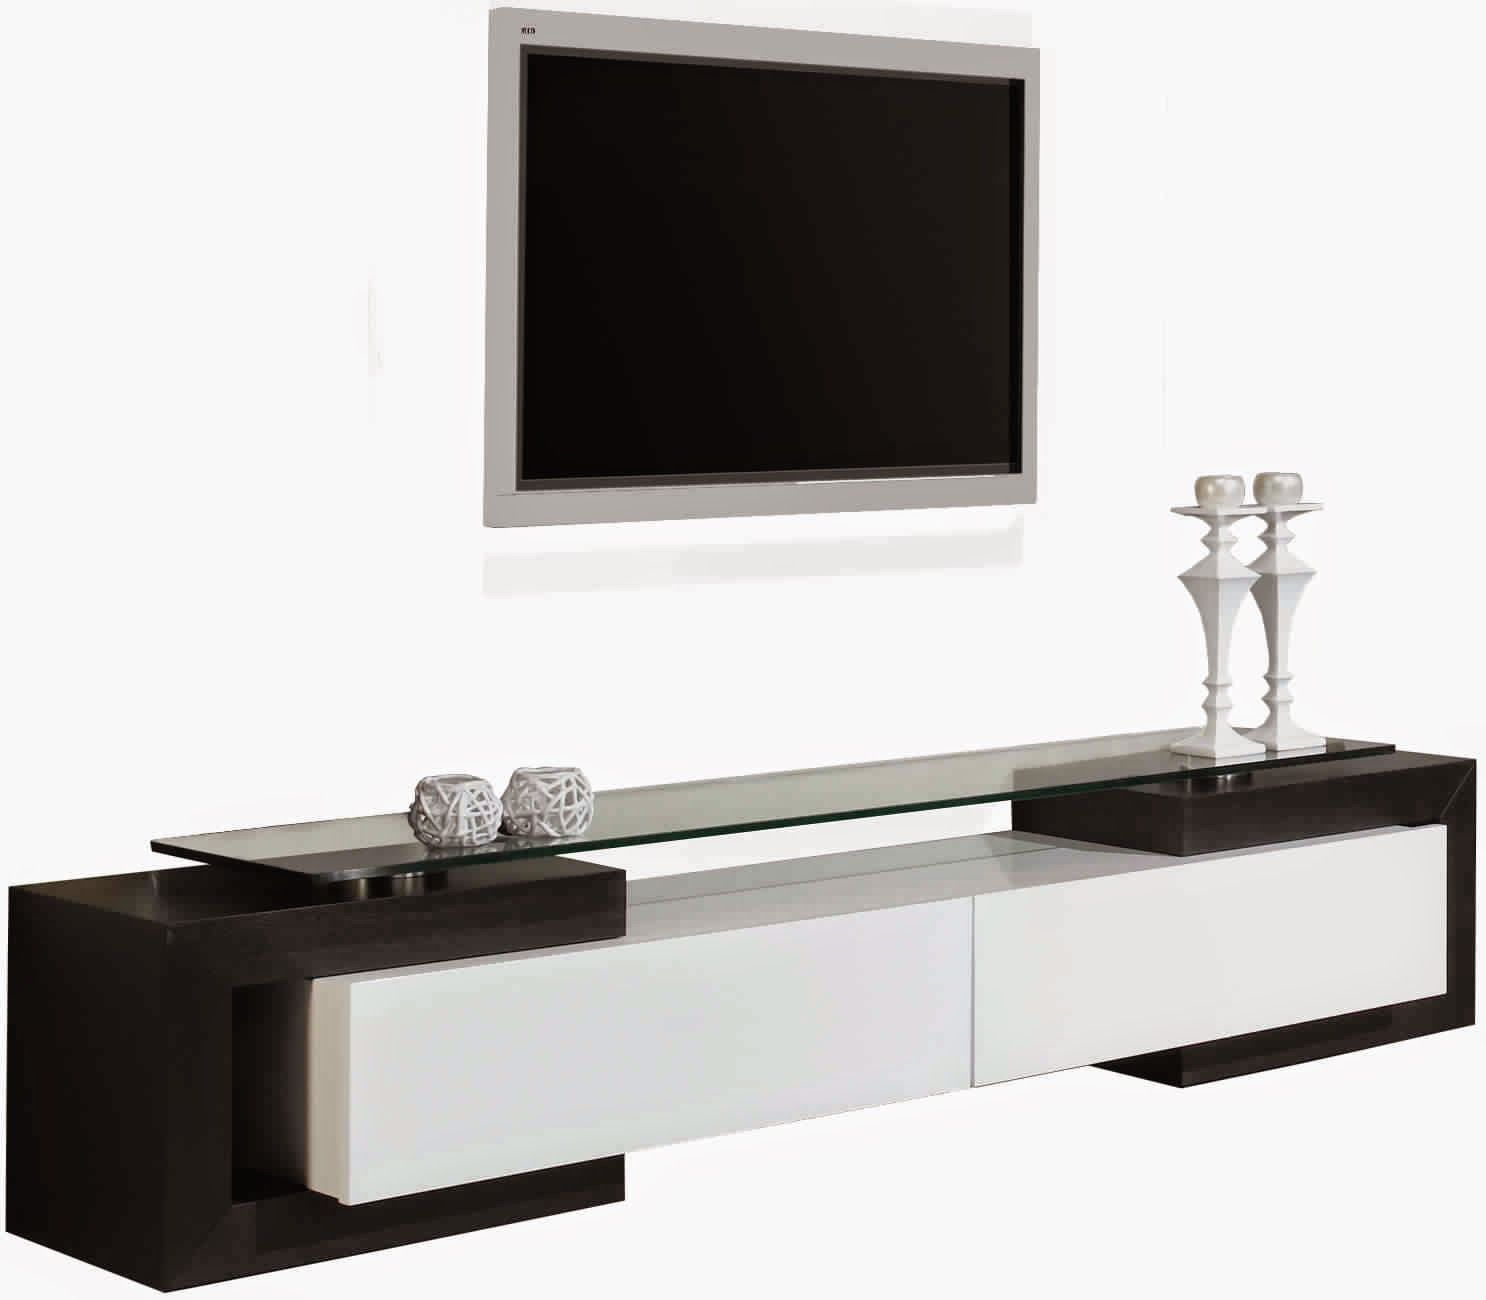 Beau Meuble Tv Noir Blanc D Coration Fran Aise Pinterest  # Meubles Banc Blanc